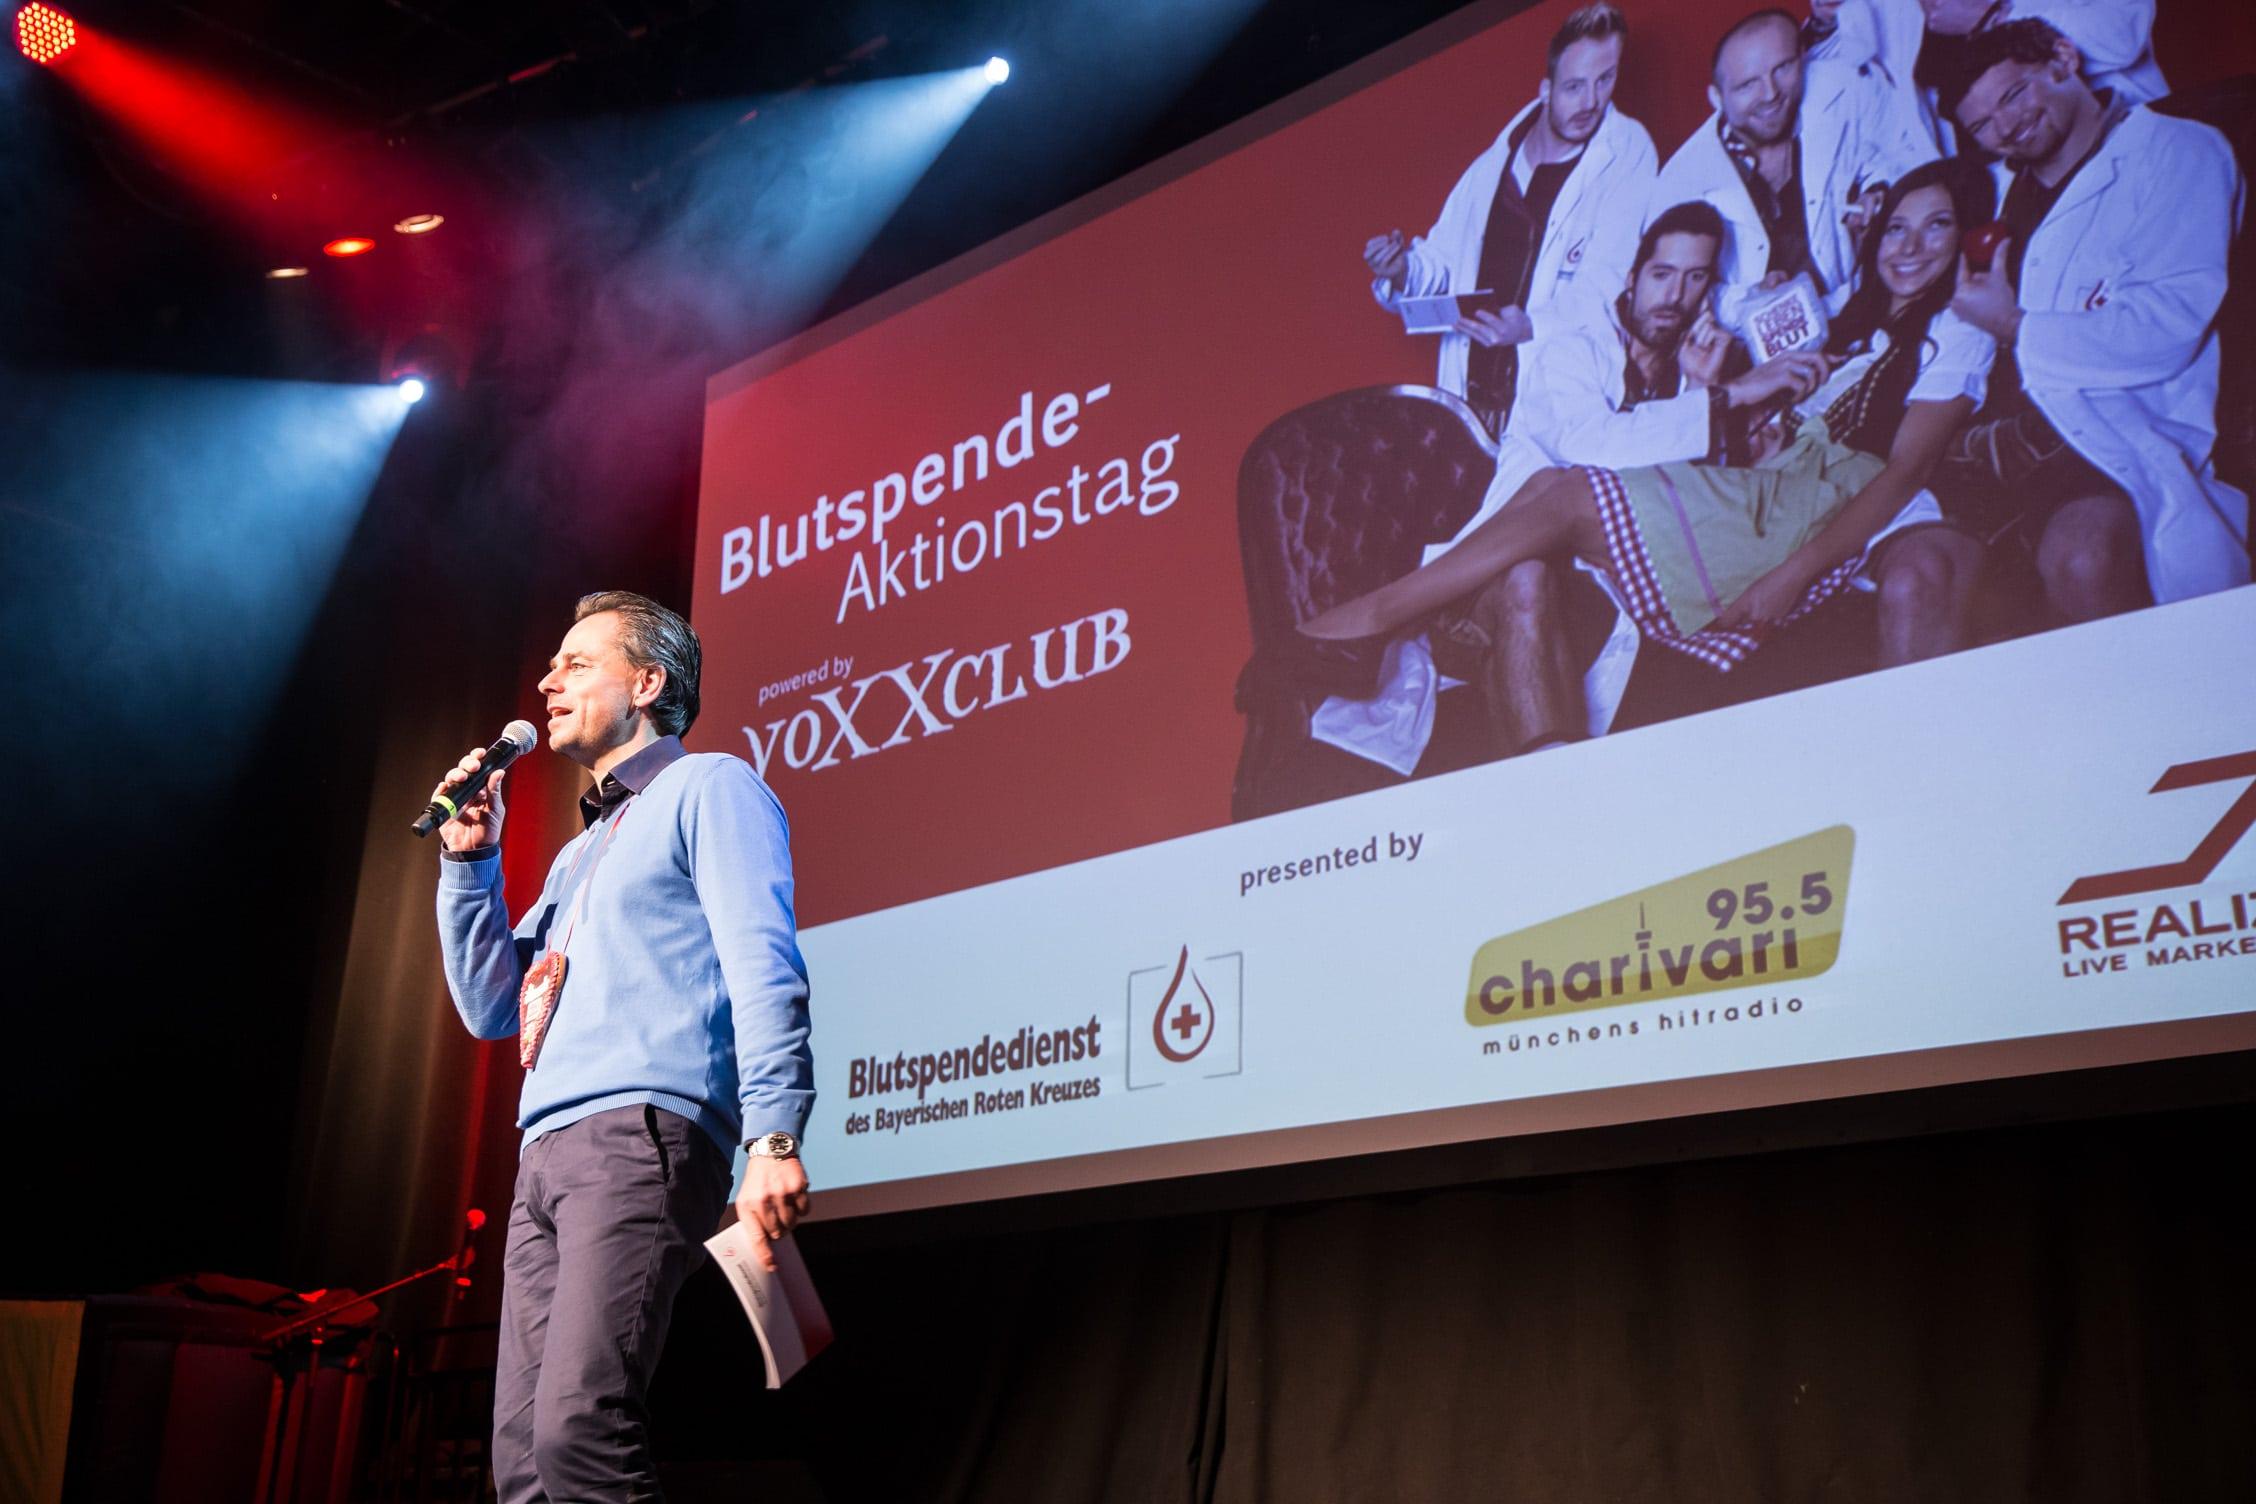 Blutspendedienst des BRK, Blutspende-Aktionstag, Muffathalle München, 21.1.2016, voXXclub.